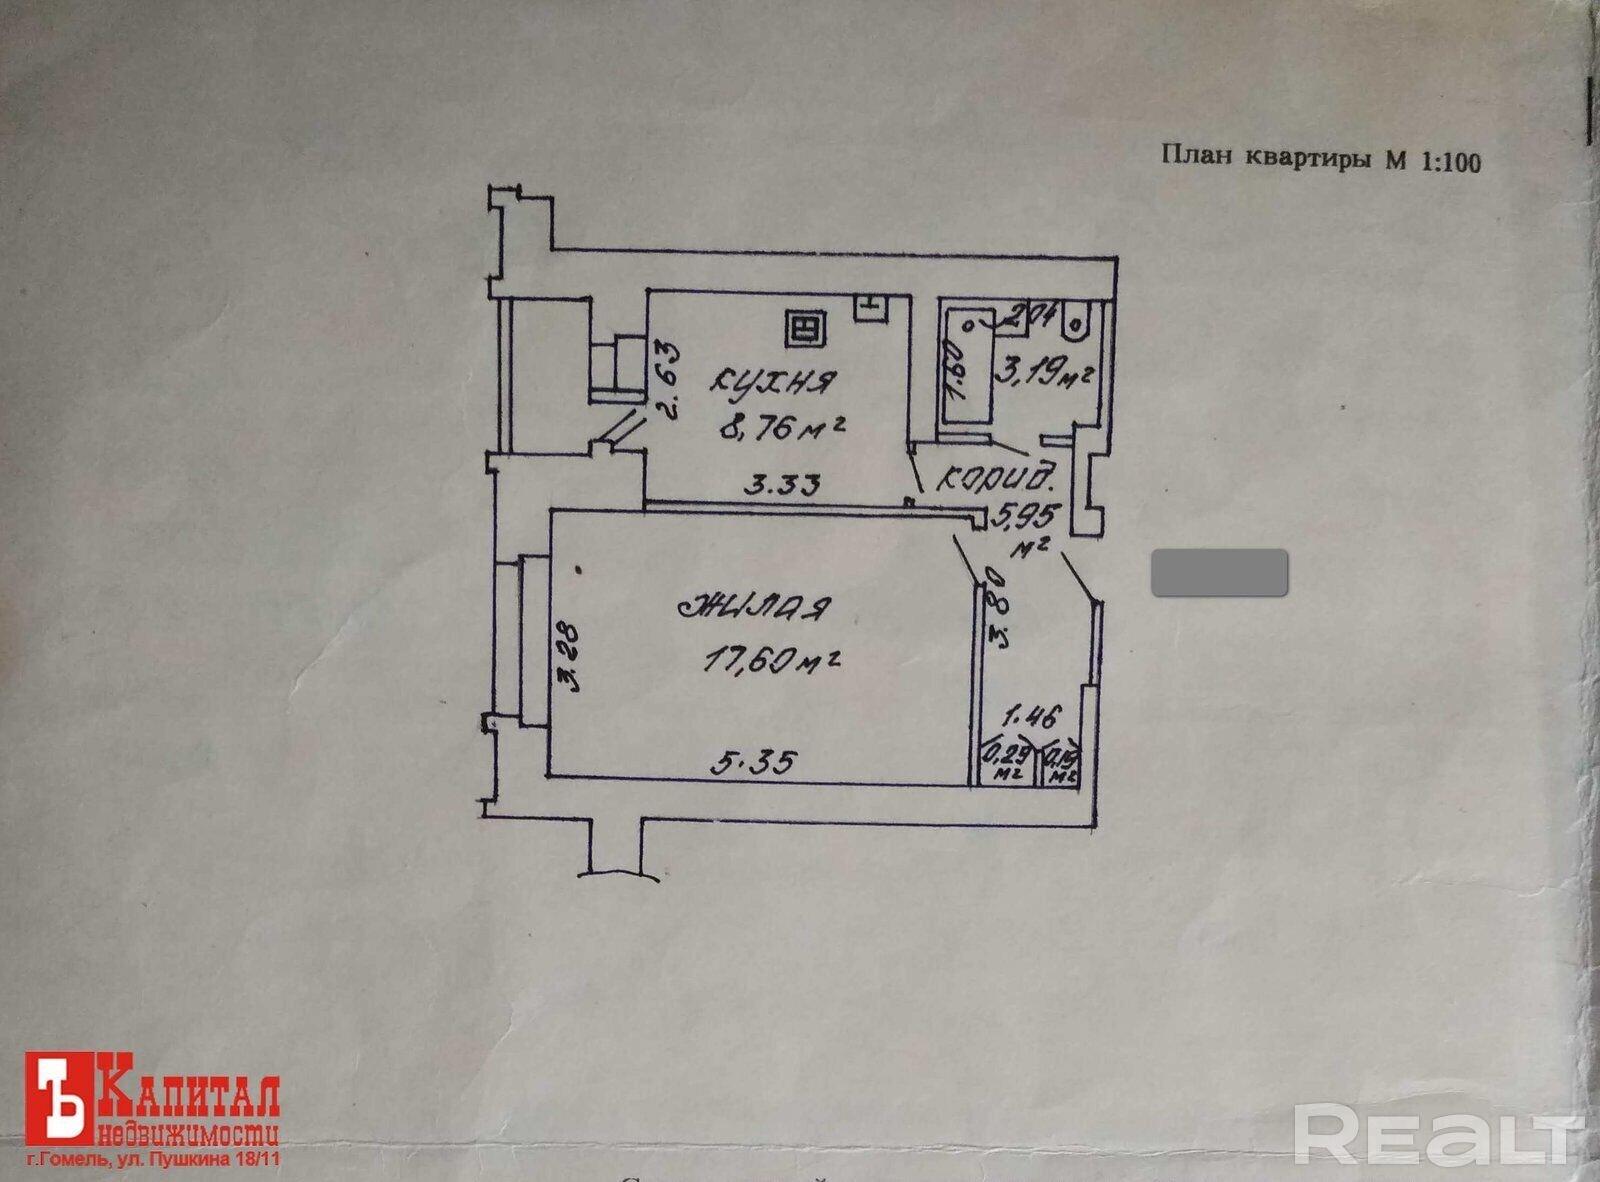 Продается однокомнатная квартира в Советском районе (ГГТУ им.П.О.Сухого)